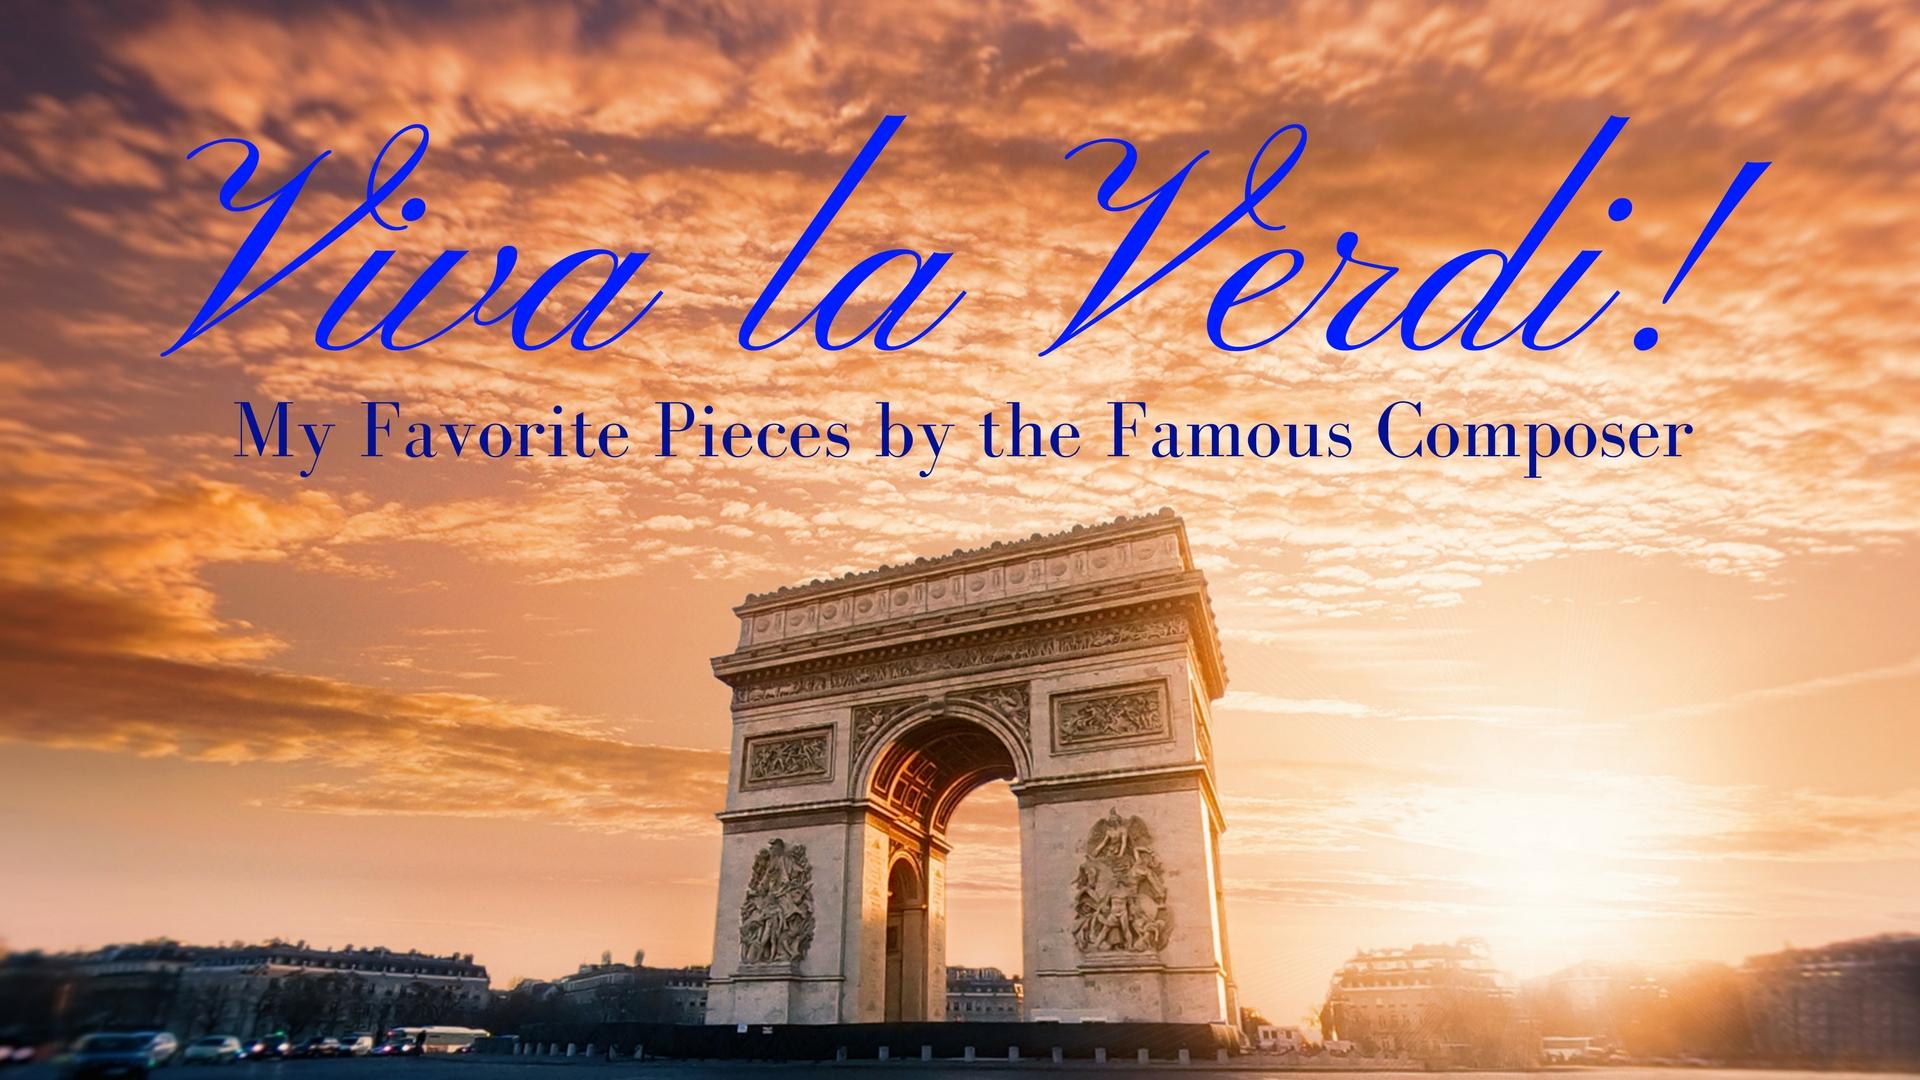 banner-viva-la-verdi-favorite-famous-composer.jpg